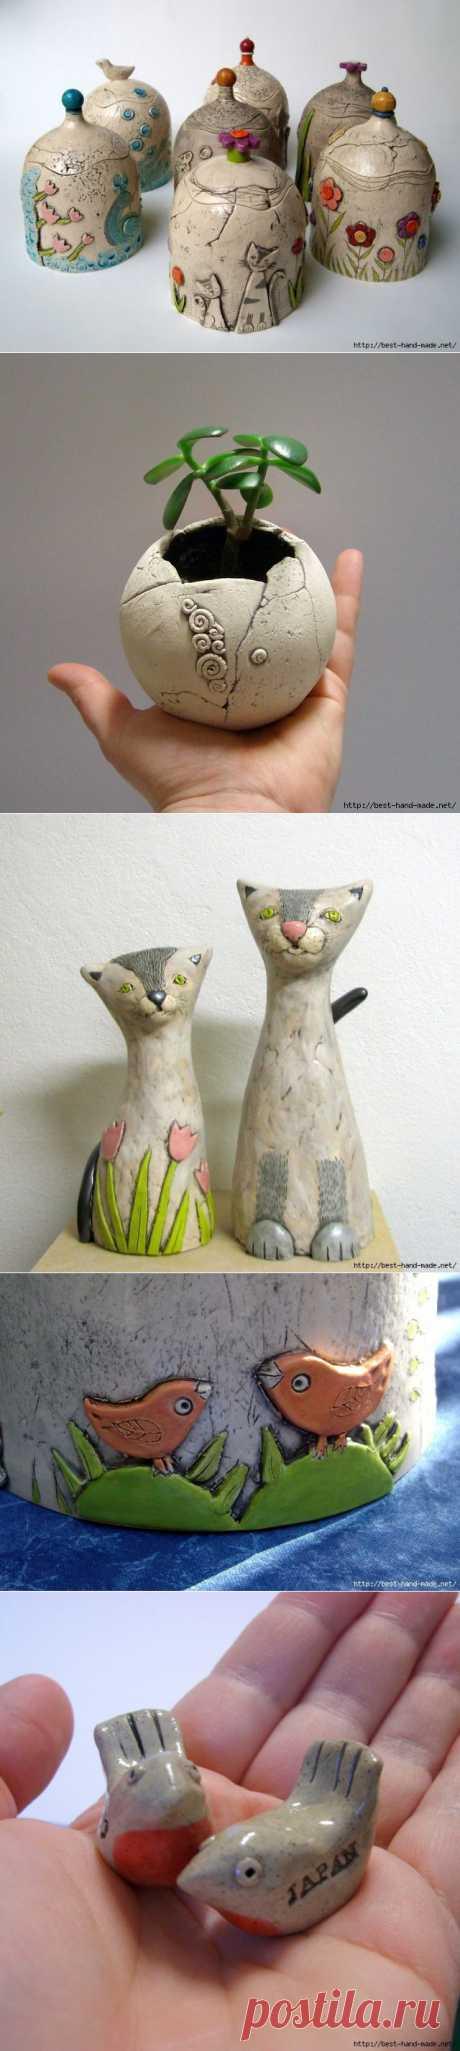 Глиняные кошки и другие красивости от Tika, Словения. Работы и мастер-классы.